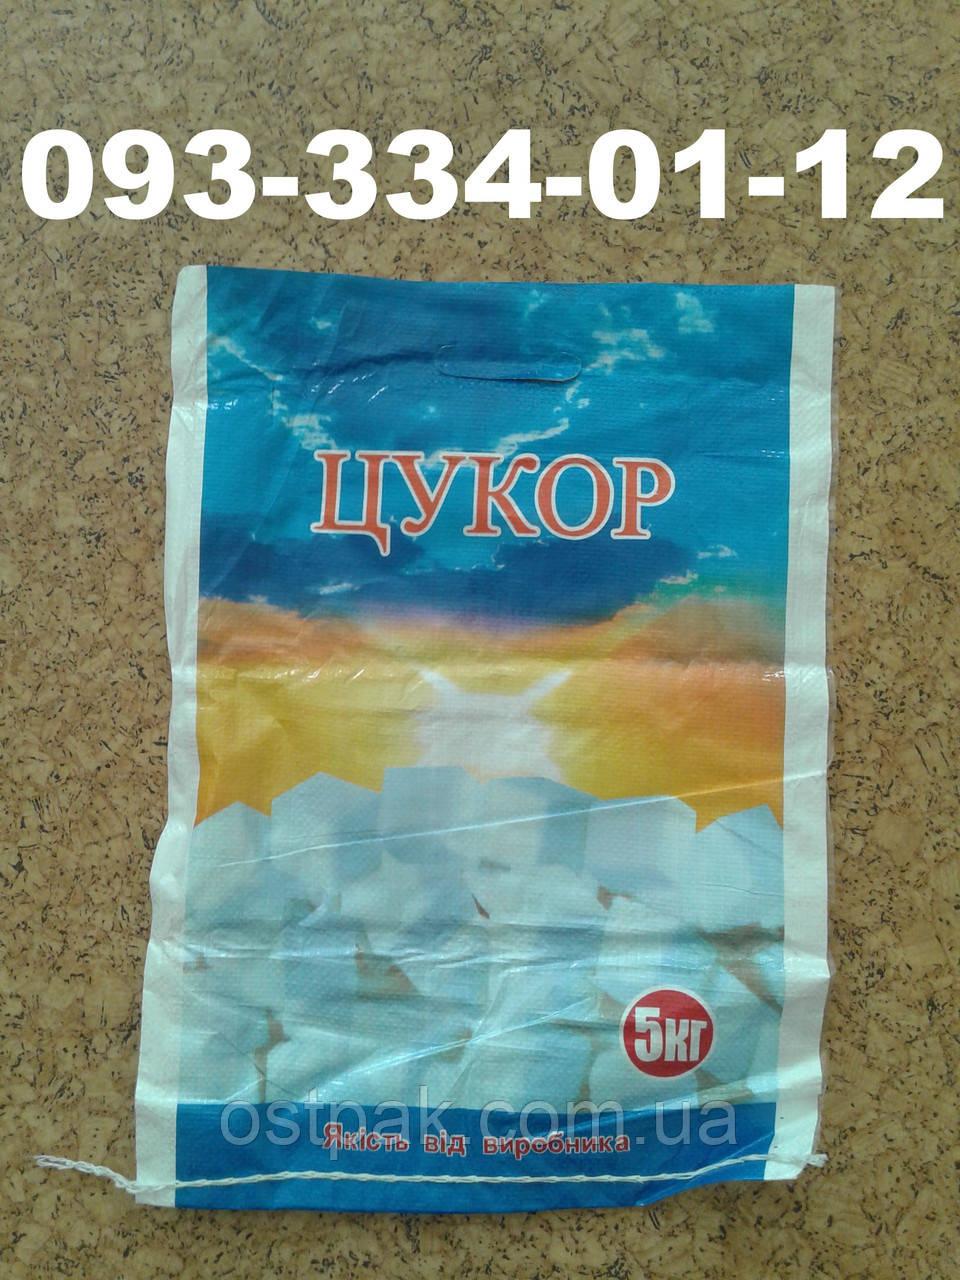 Мешки полипропиленовые под сахар - МЕШКОТАРА в Черкассах